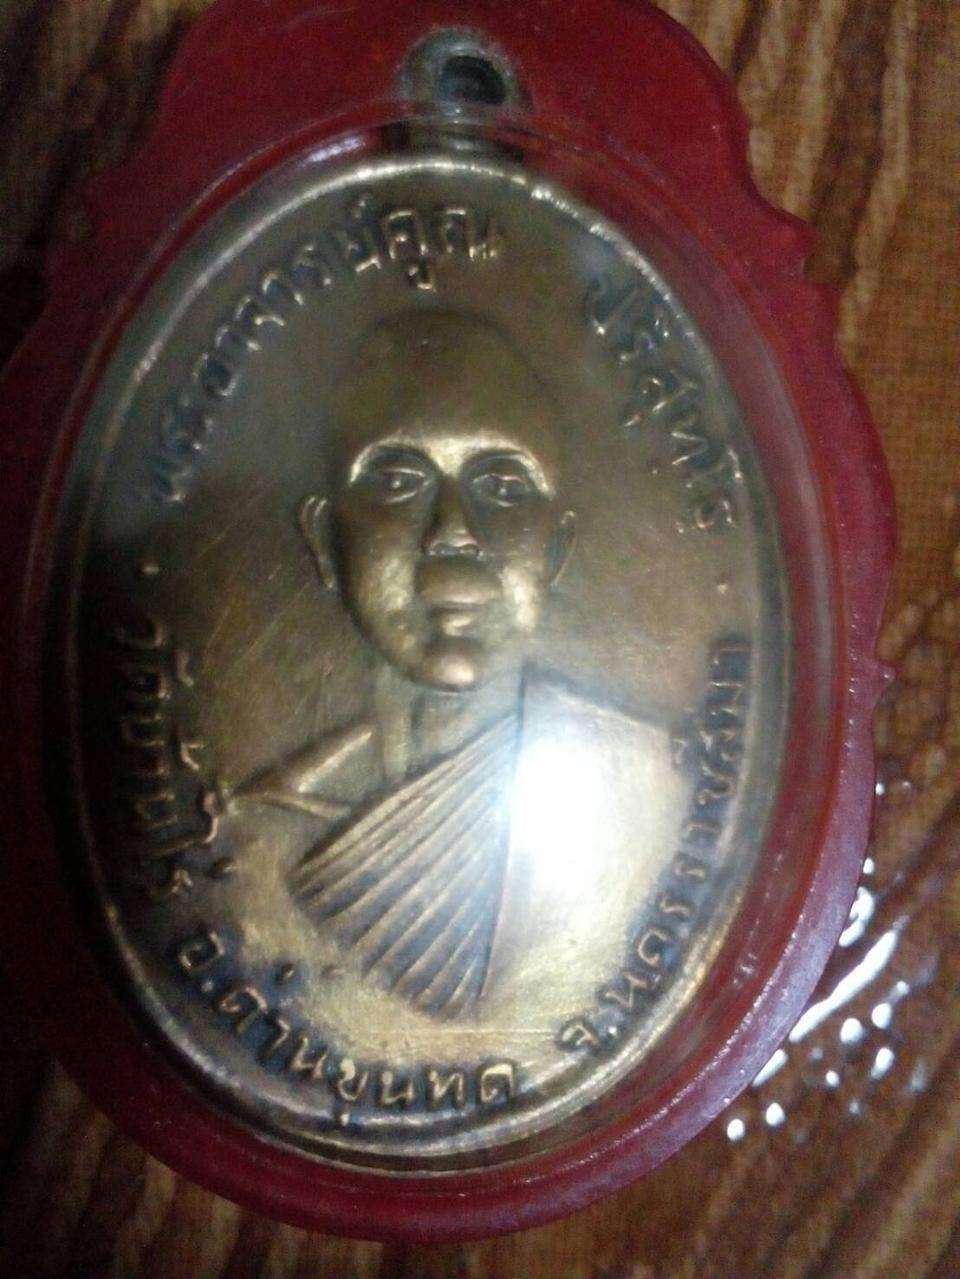 เหรียญหลวงพ่อคูณ รุ่นแรก ปี ๑๒ รูปที่ 2